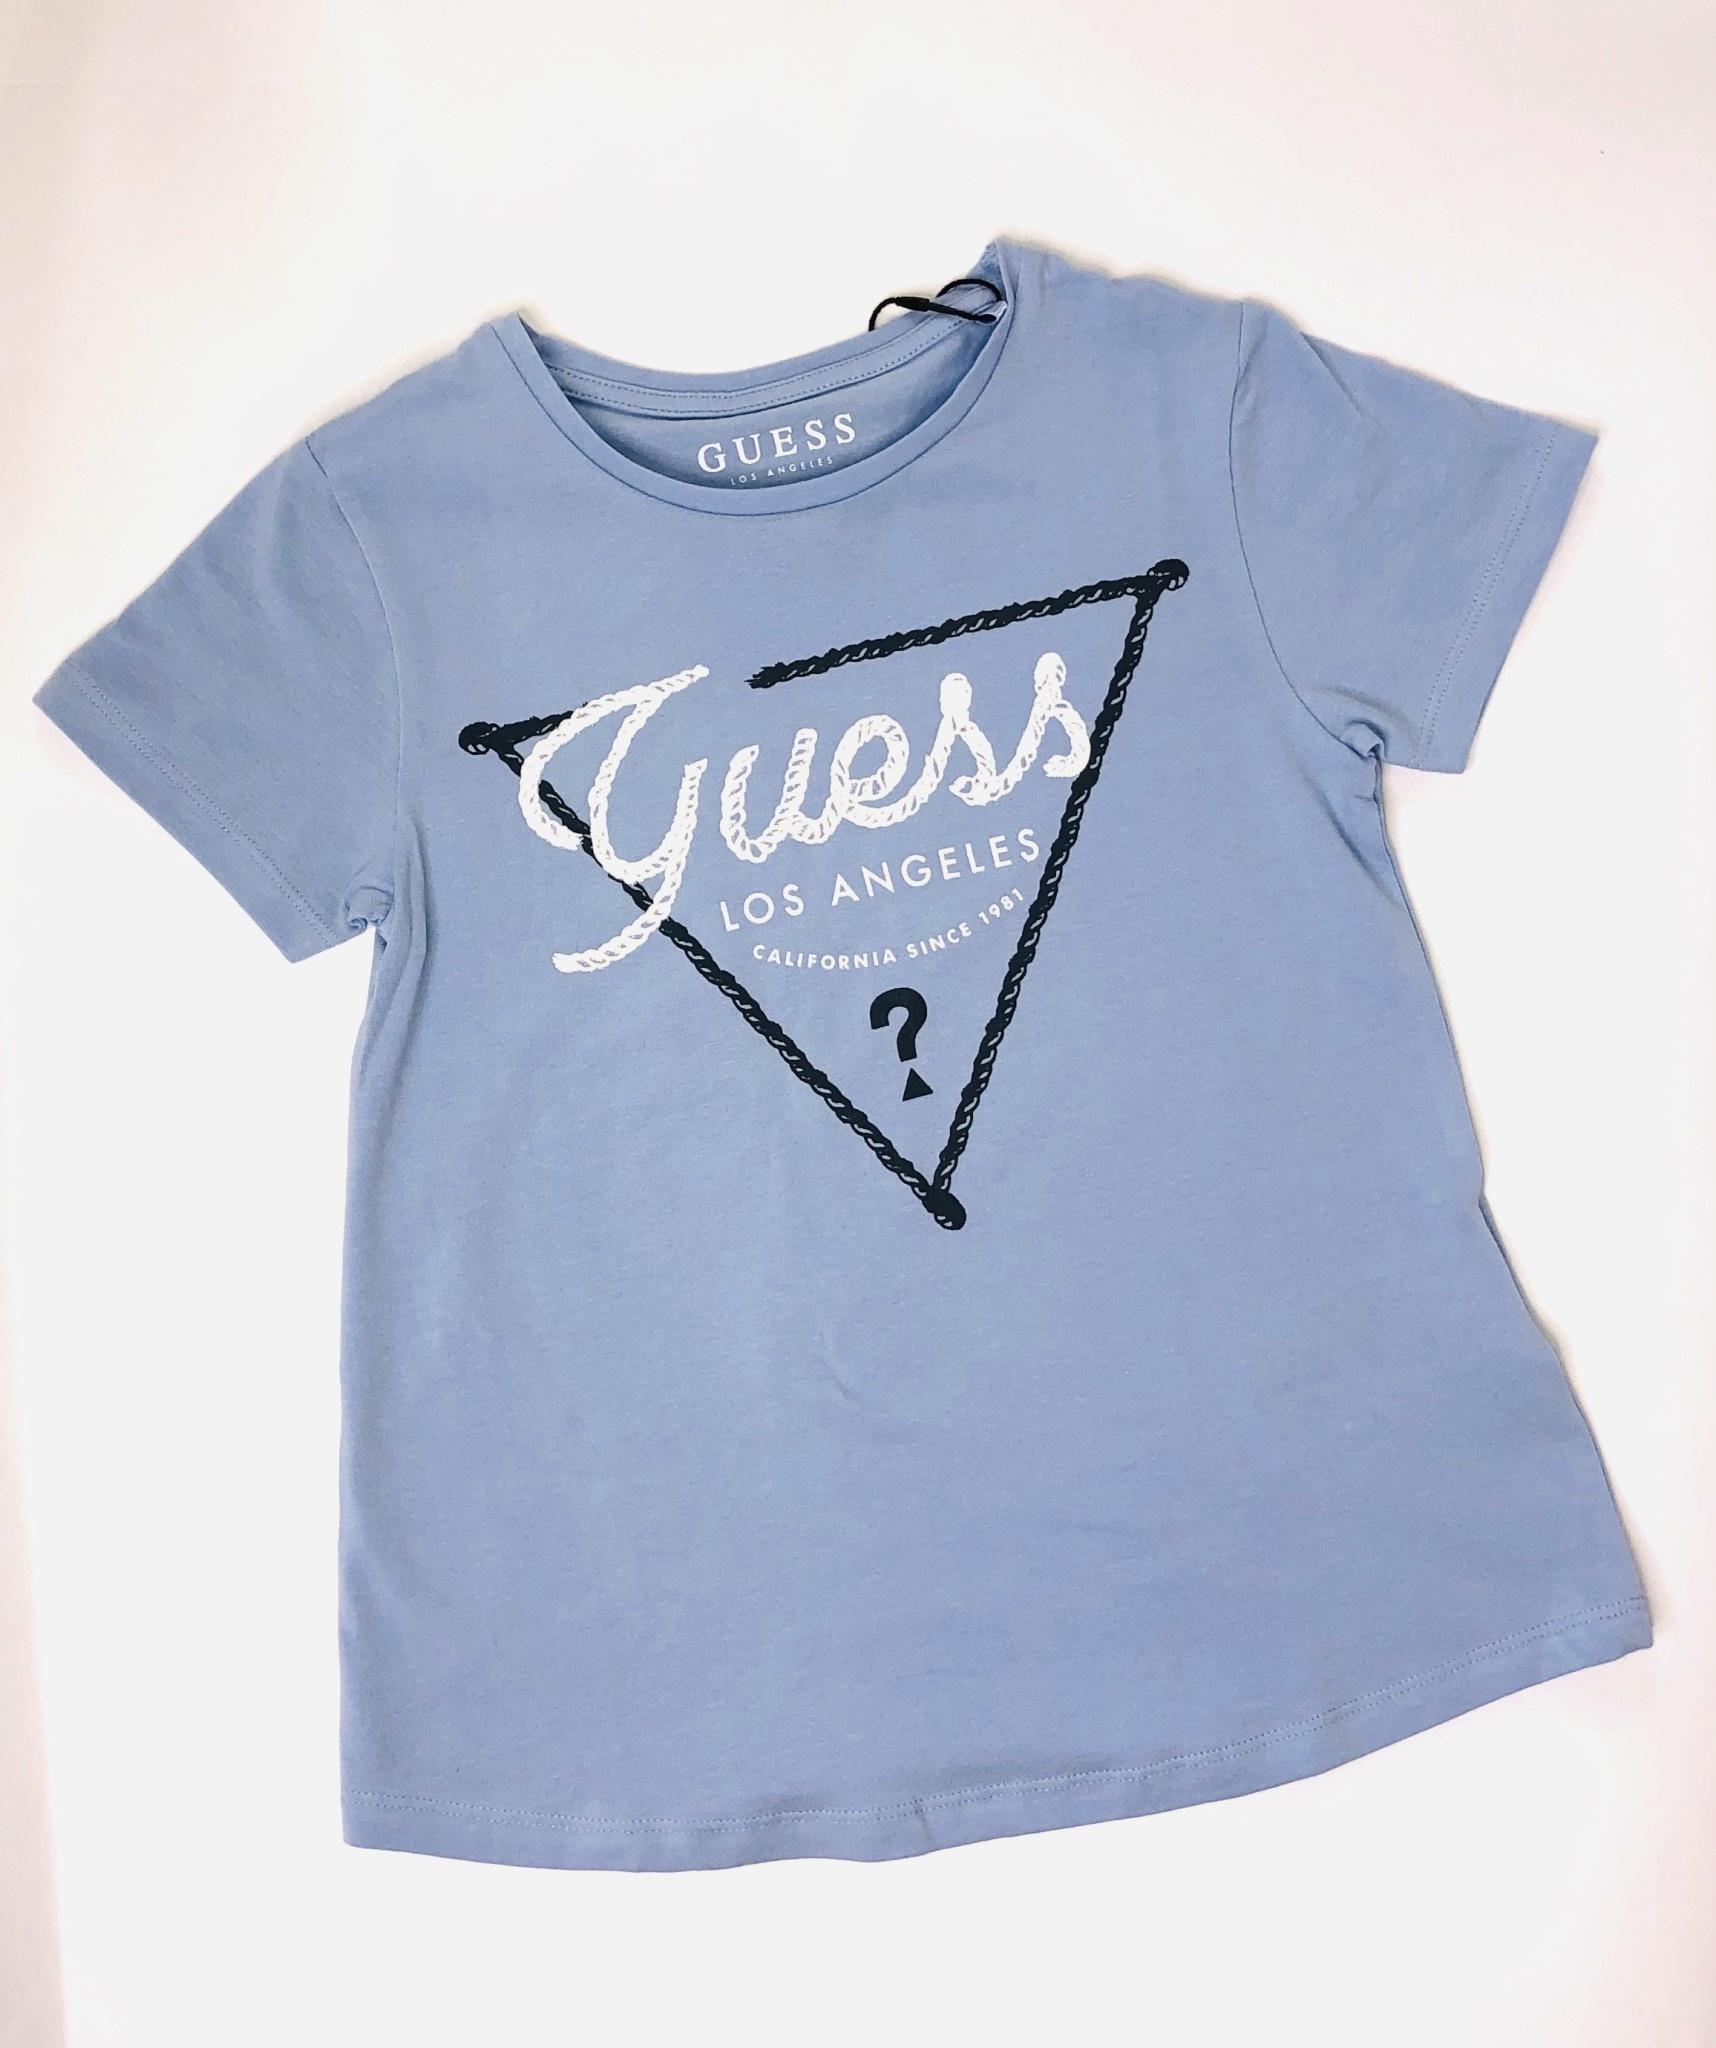 Guess Guess Girls Blue T-shirt with Glitter Guess Logo